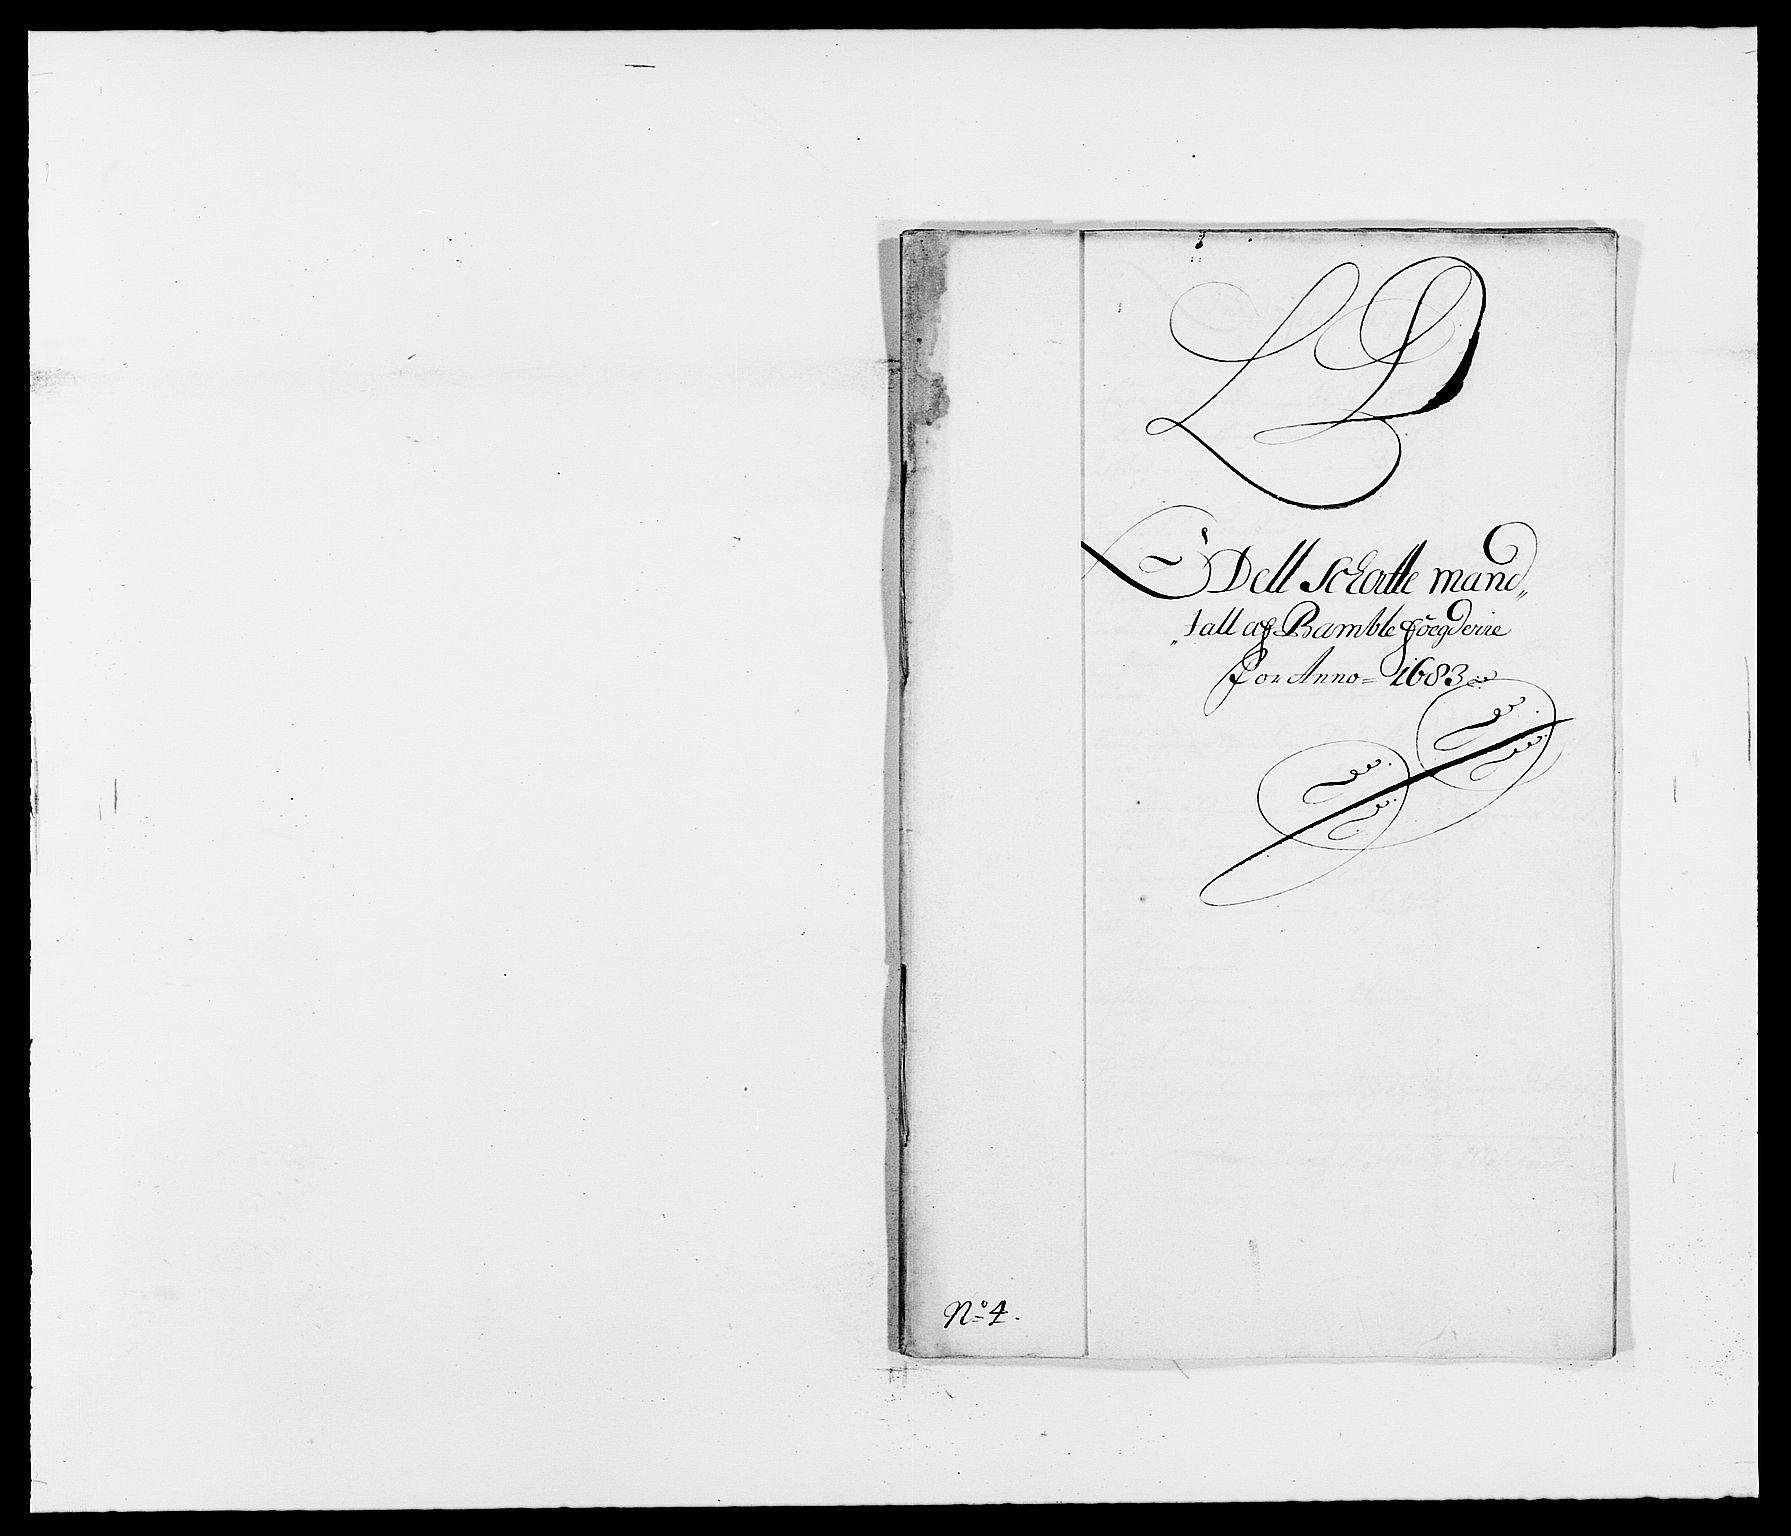 RA, Rentekammeret inntil 1814, Reviderte regnskaper, Fogderegnskap, R34/L2046: Fogderegnskap Bamble, 1682-1683, s. 306